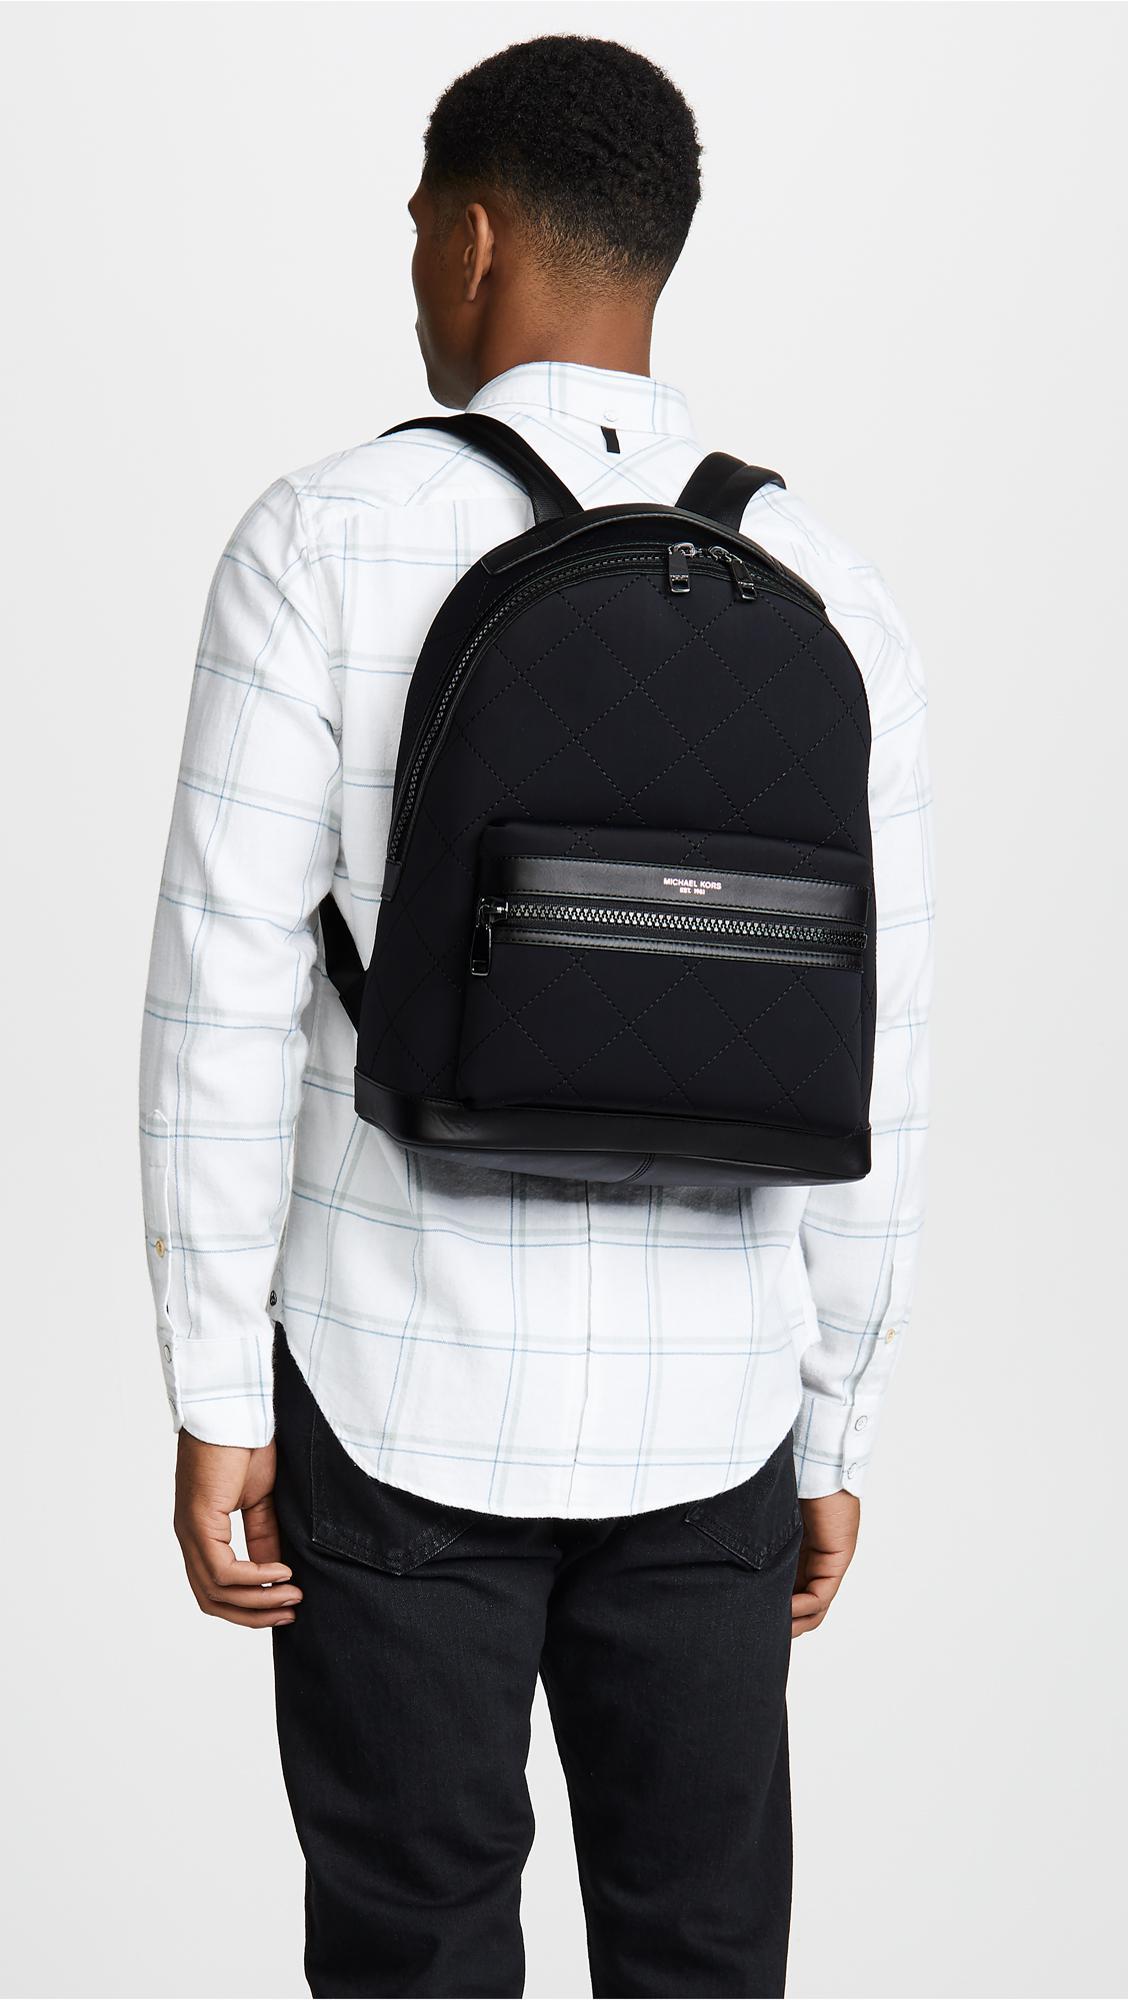 7230a270a2b8f1 Michael Kors Odin Neoprene Backpack in Black for Men - Lyst